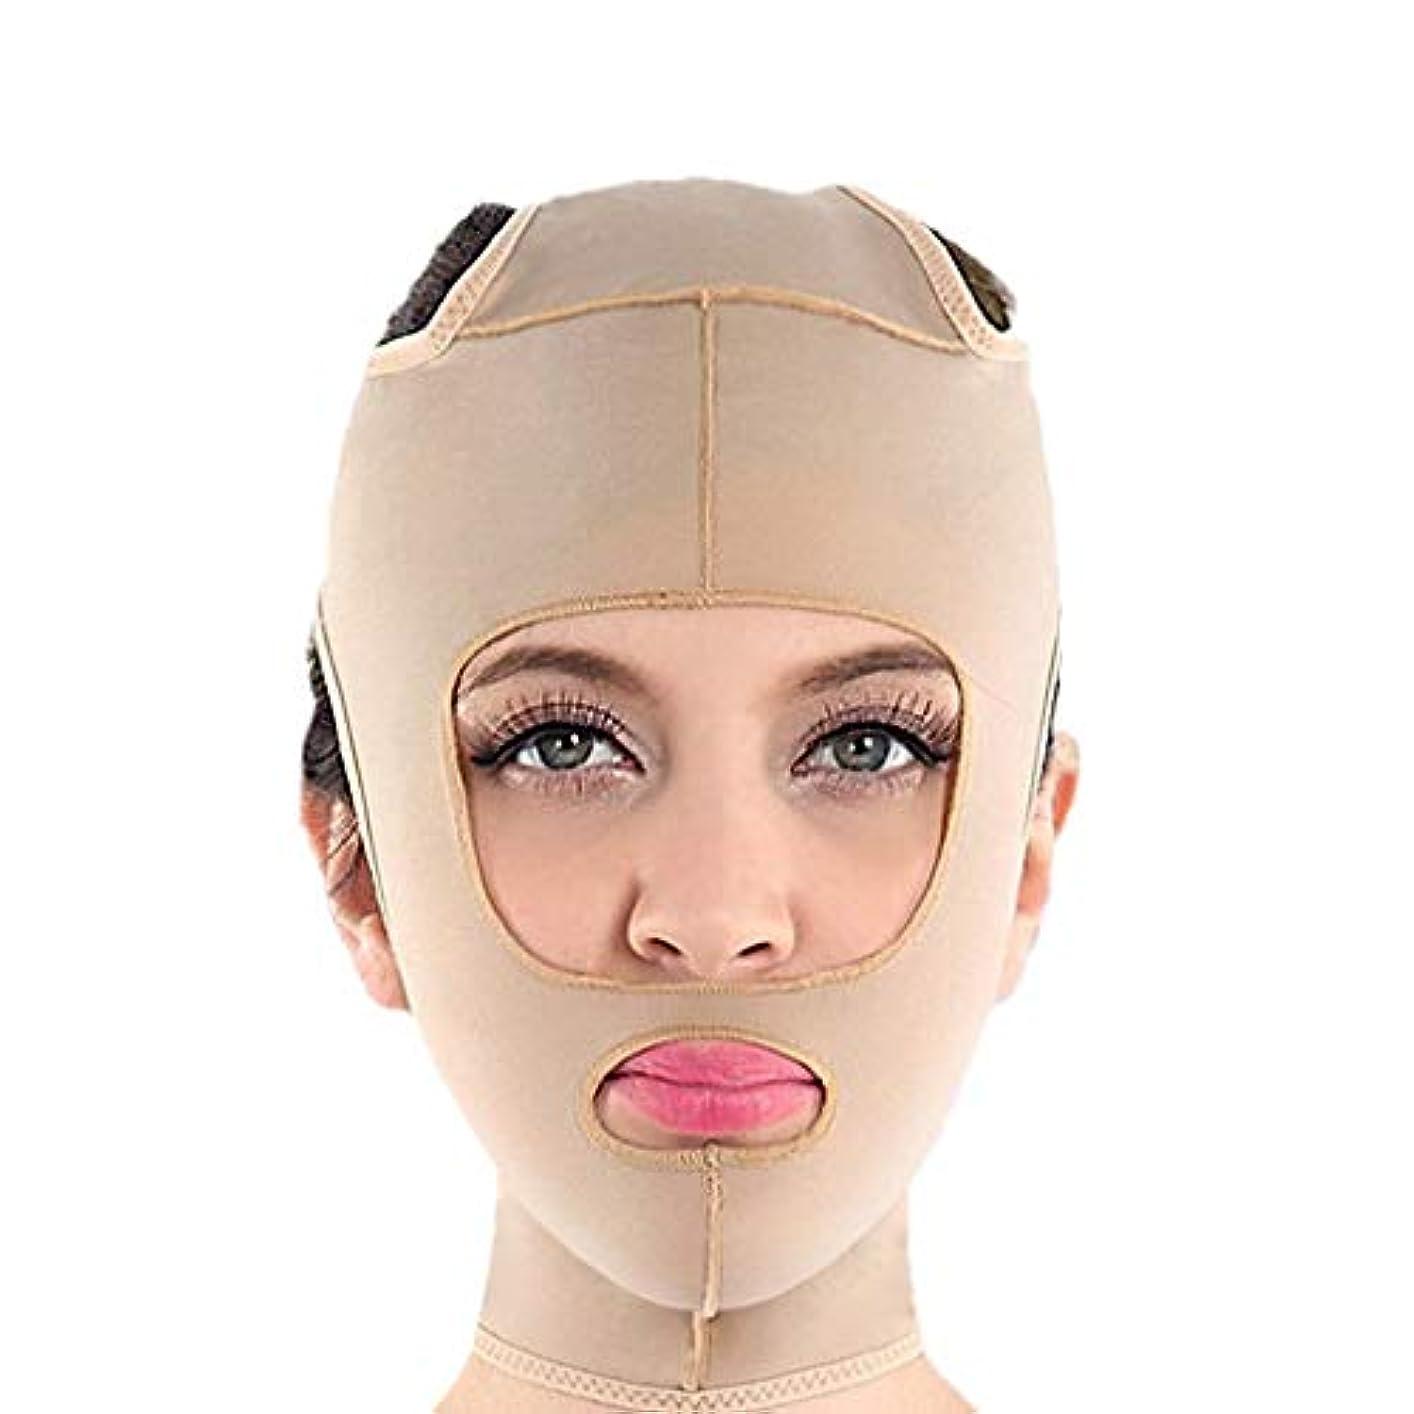 ストレンジャークラウン経済フェイスリフティング、ダブルチンストラップ、フェイシャル減量マスク、ダブルチンを減らすリフティングヌードル、ファーミングフェイス、パワフルリフティングマスク(サイズ:M),S